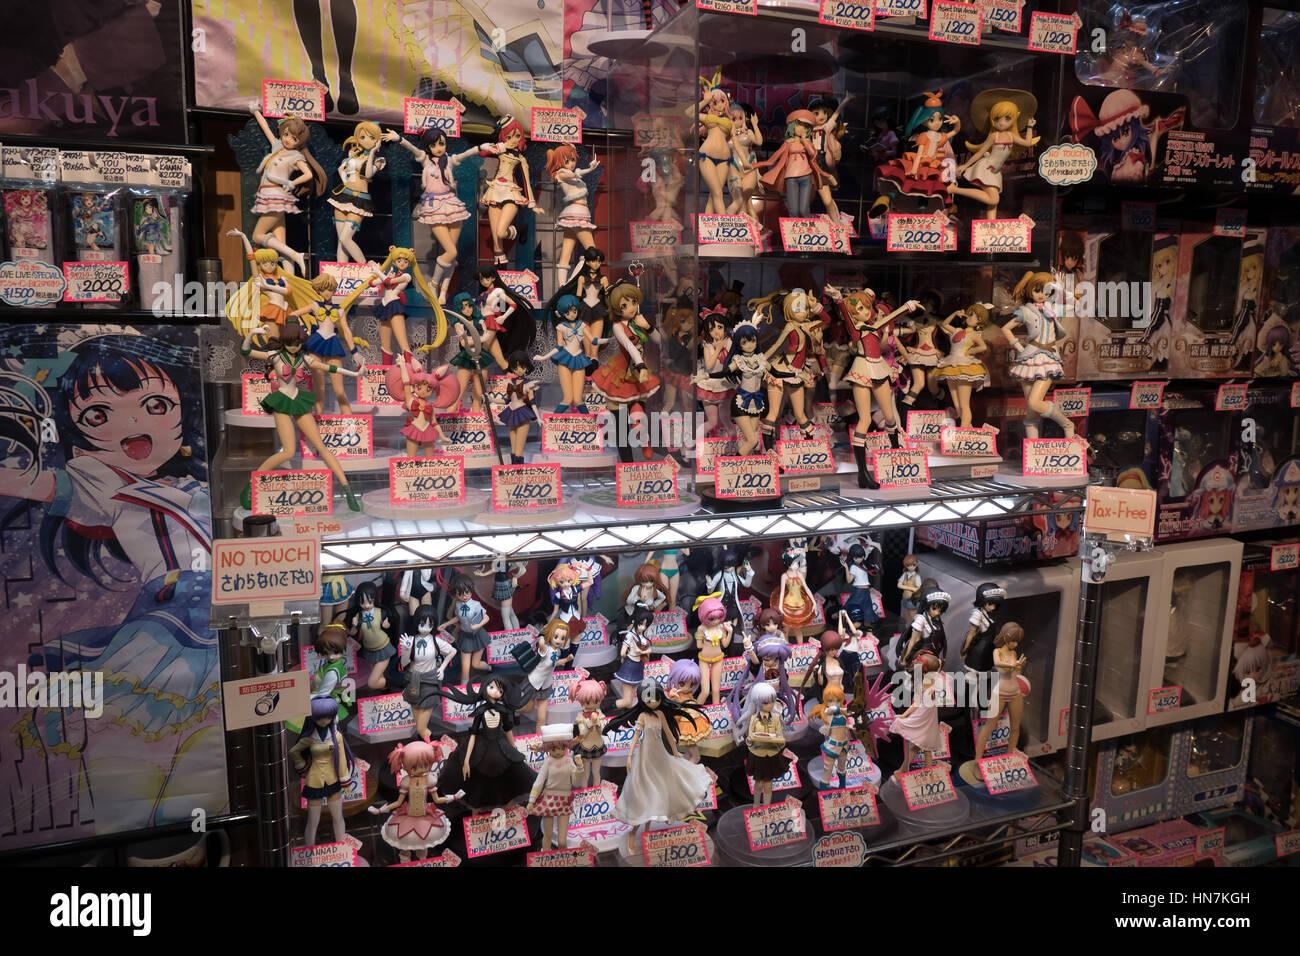 Shop Verkauf Von Spielzeug Und Puppen In Der Shopping Mall Kyoto Japan Asia Zu Speichern Japanische Kultur Mit Anime Comics Manga